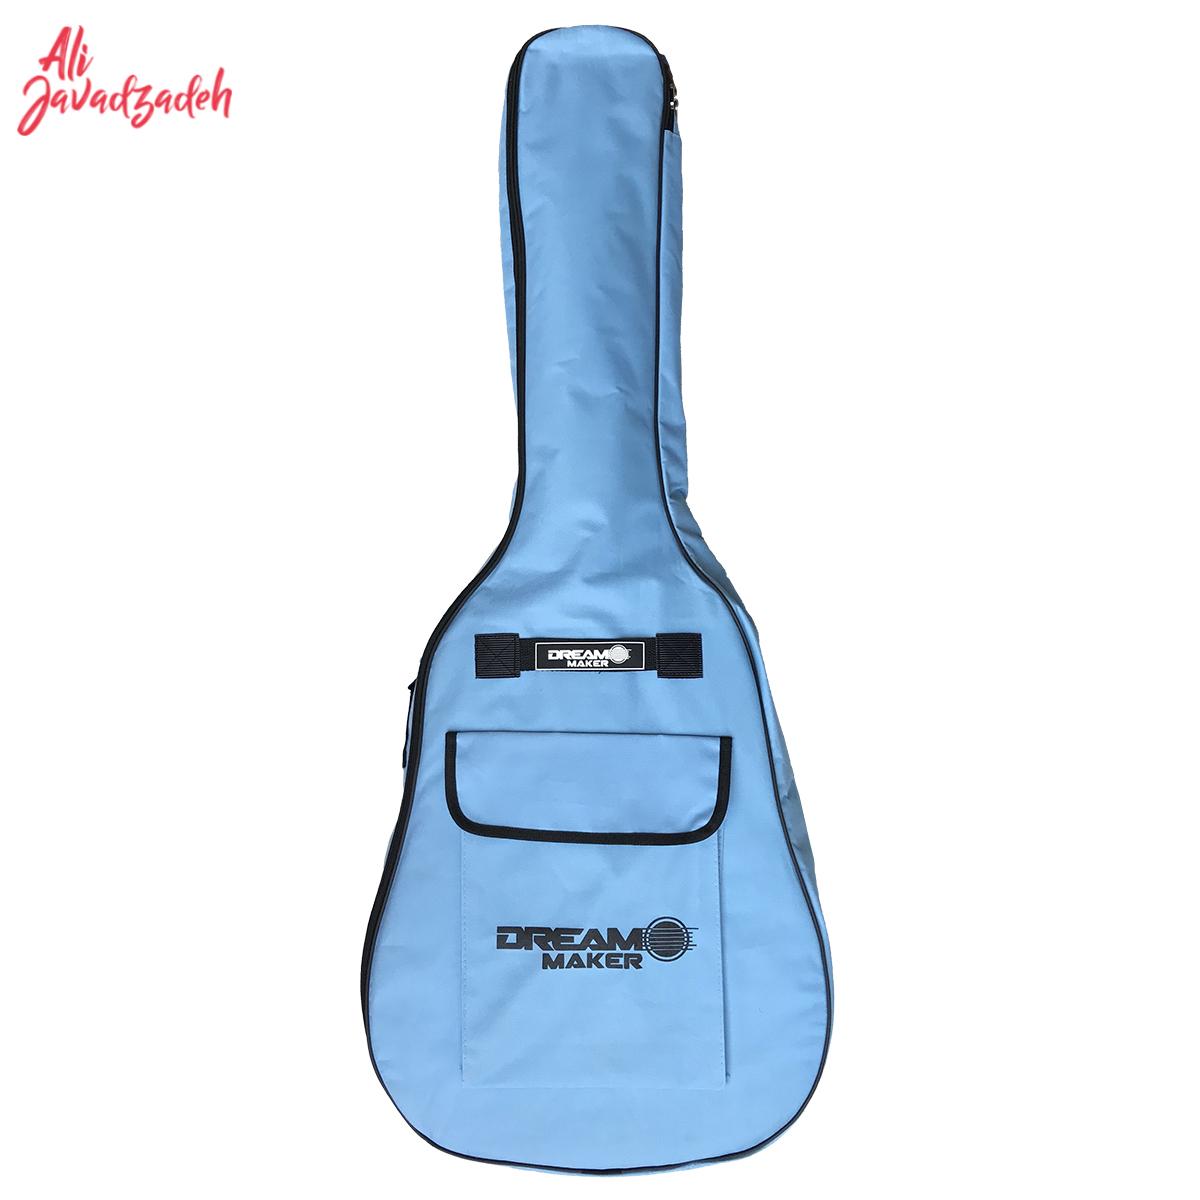 سافت کیس گیتار دریم میکر مدل T200 Blue